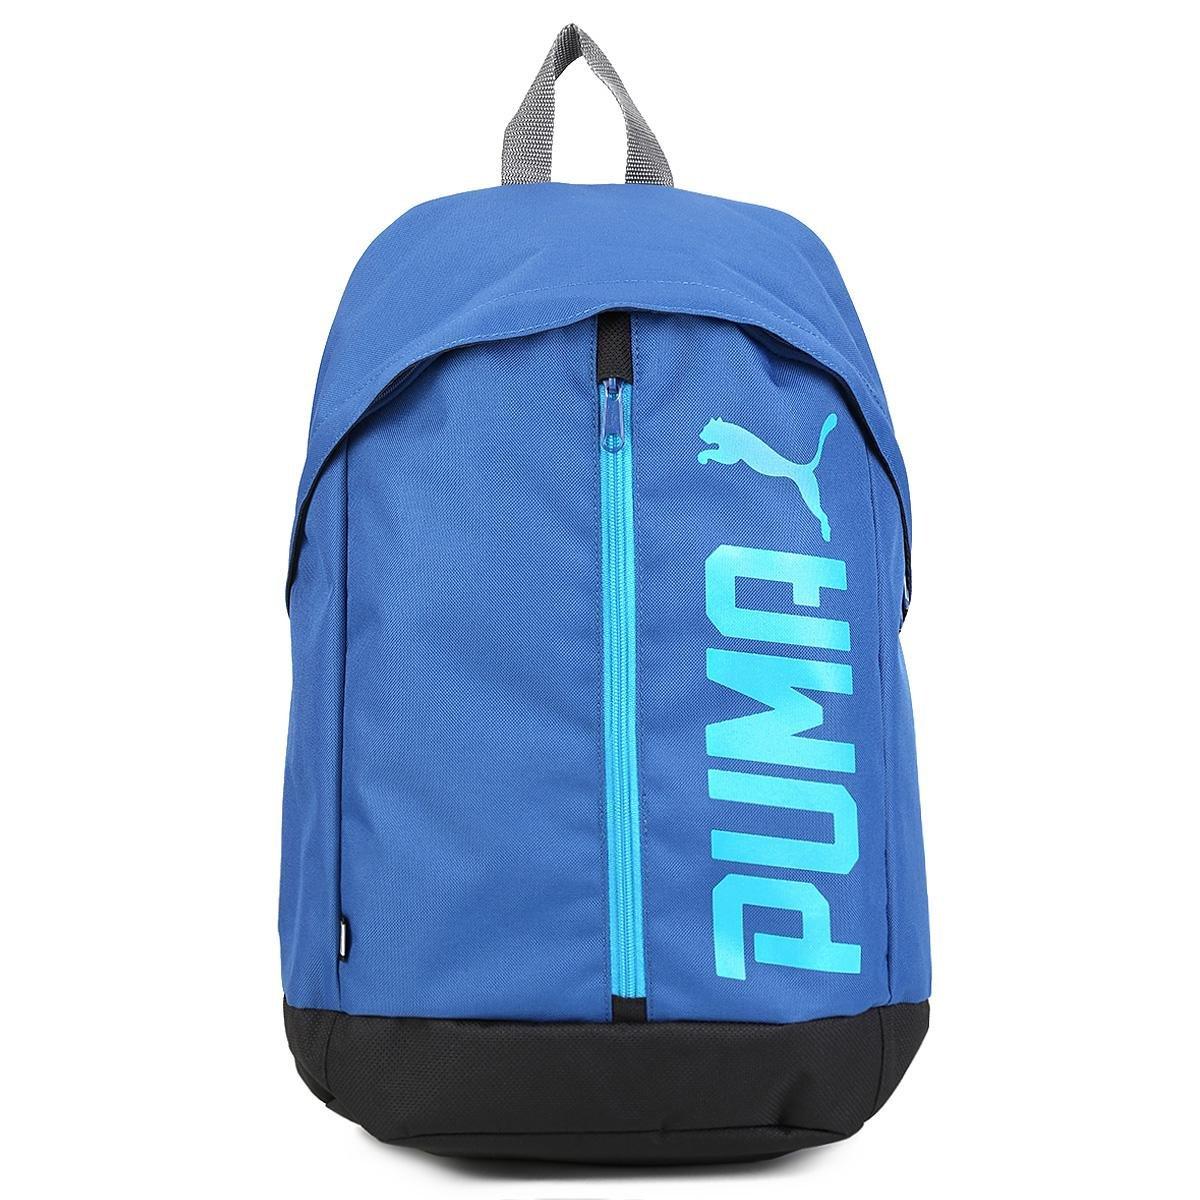 Mochila Puma Pioneer Backpack II